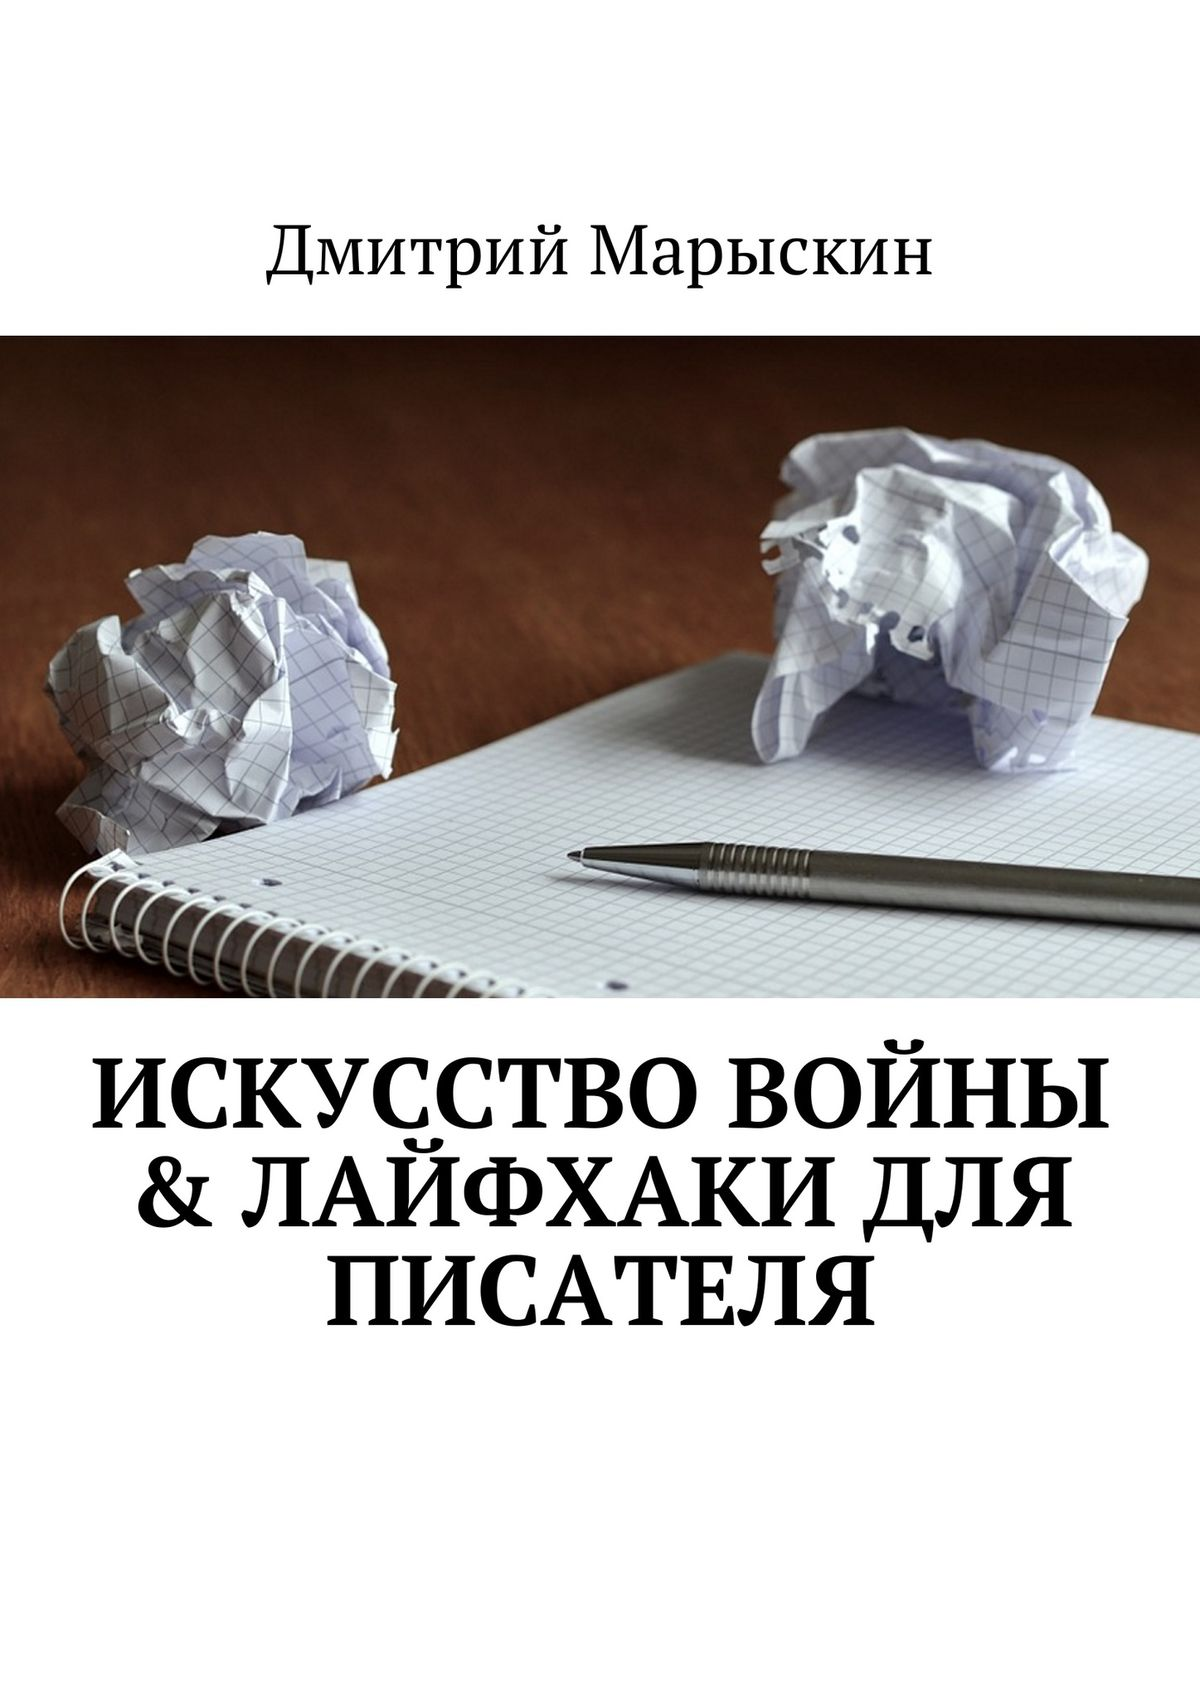 Дмитрий Марыскин Искусство войны & Лайфхаки для писателя дмитрий марыскин найди свою радость или счастье отприроды